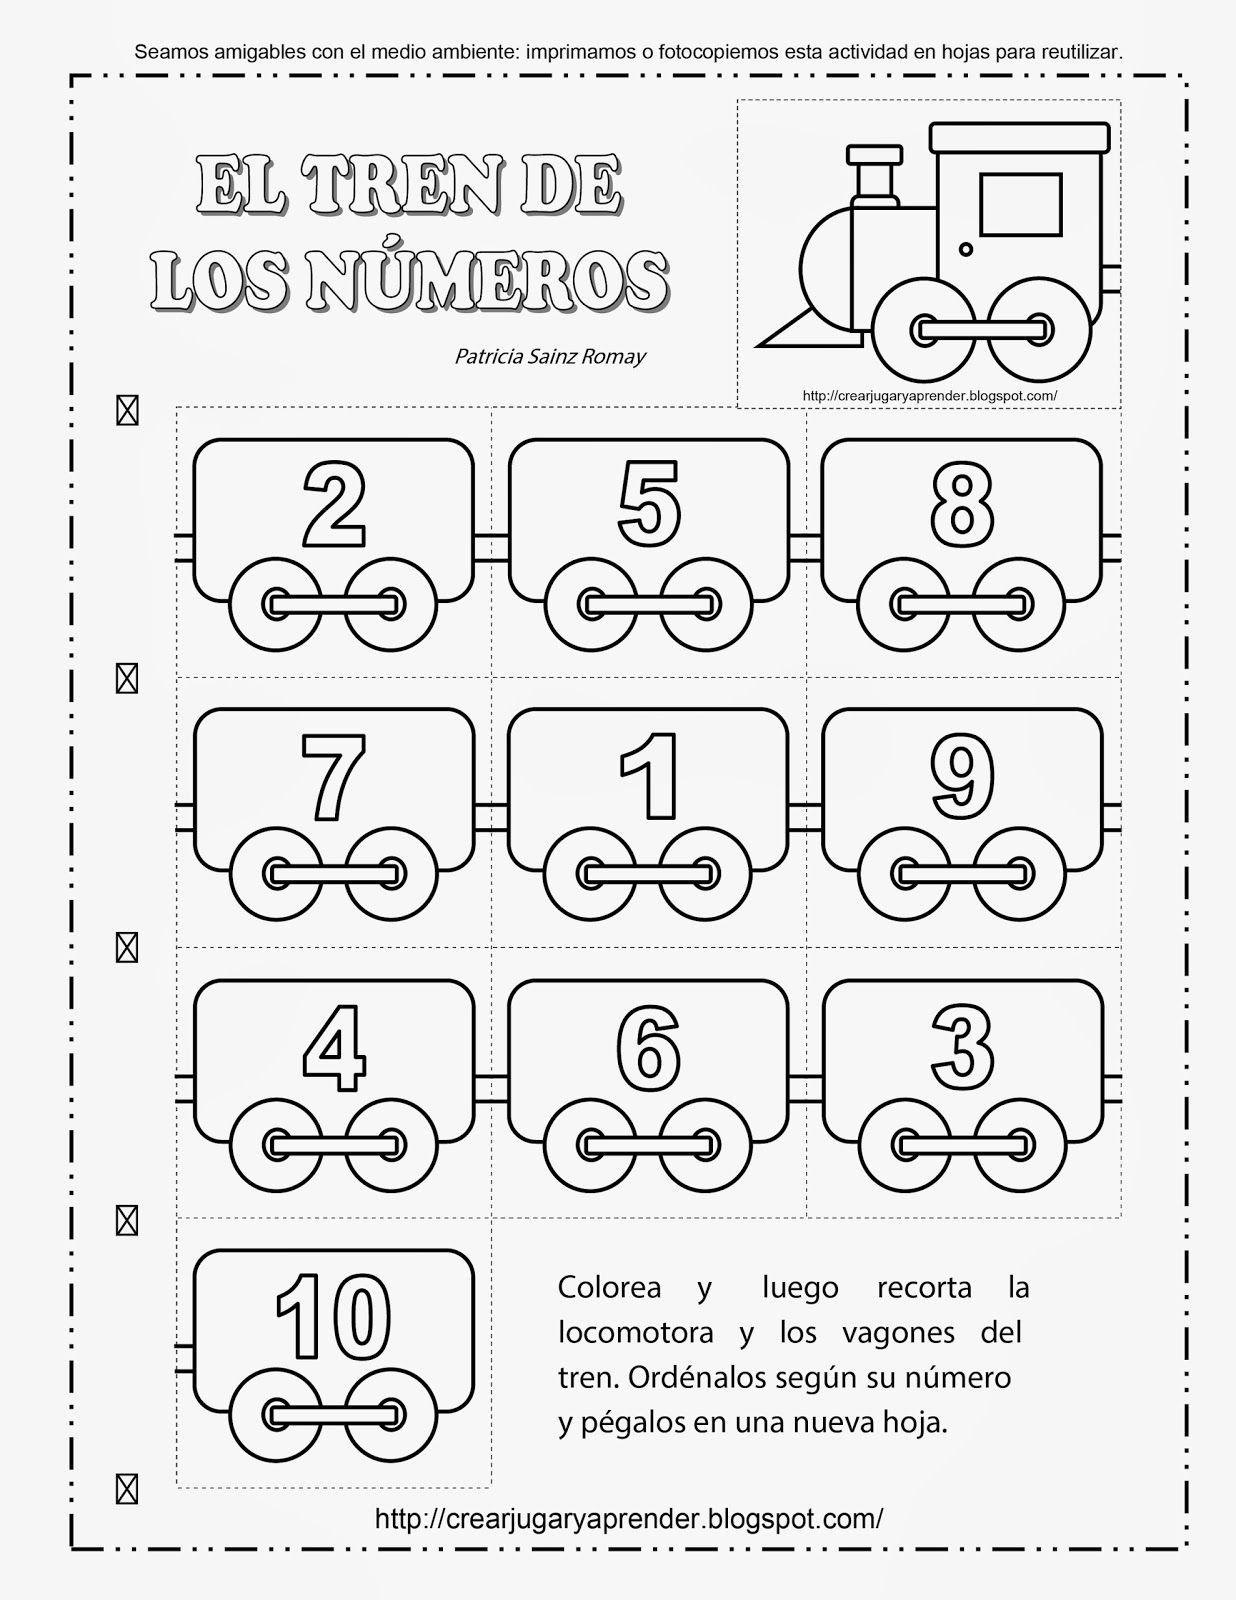 Resultado de imagen para imagenes de bob el tren con los numeros ...